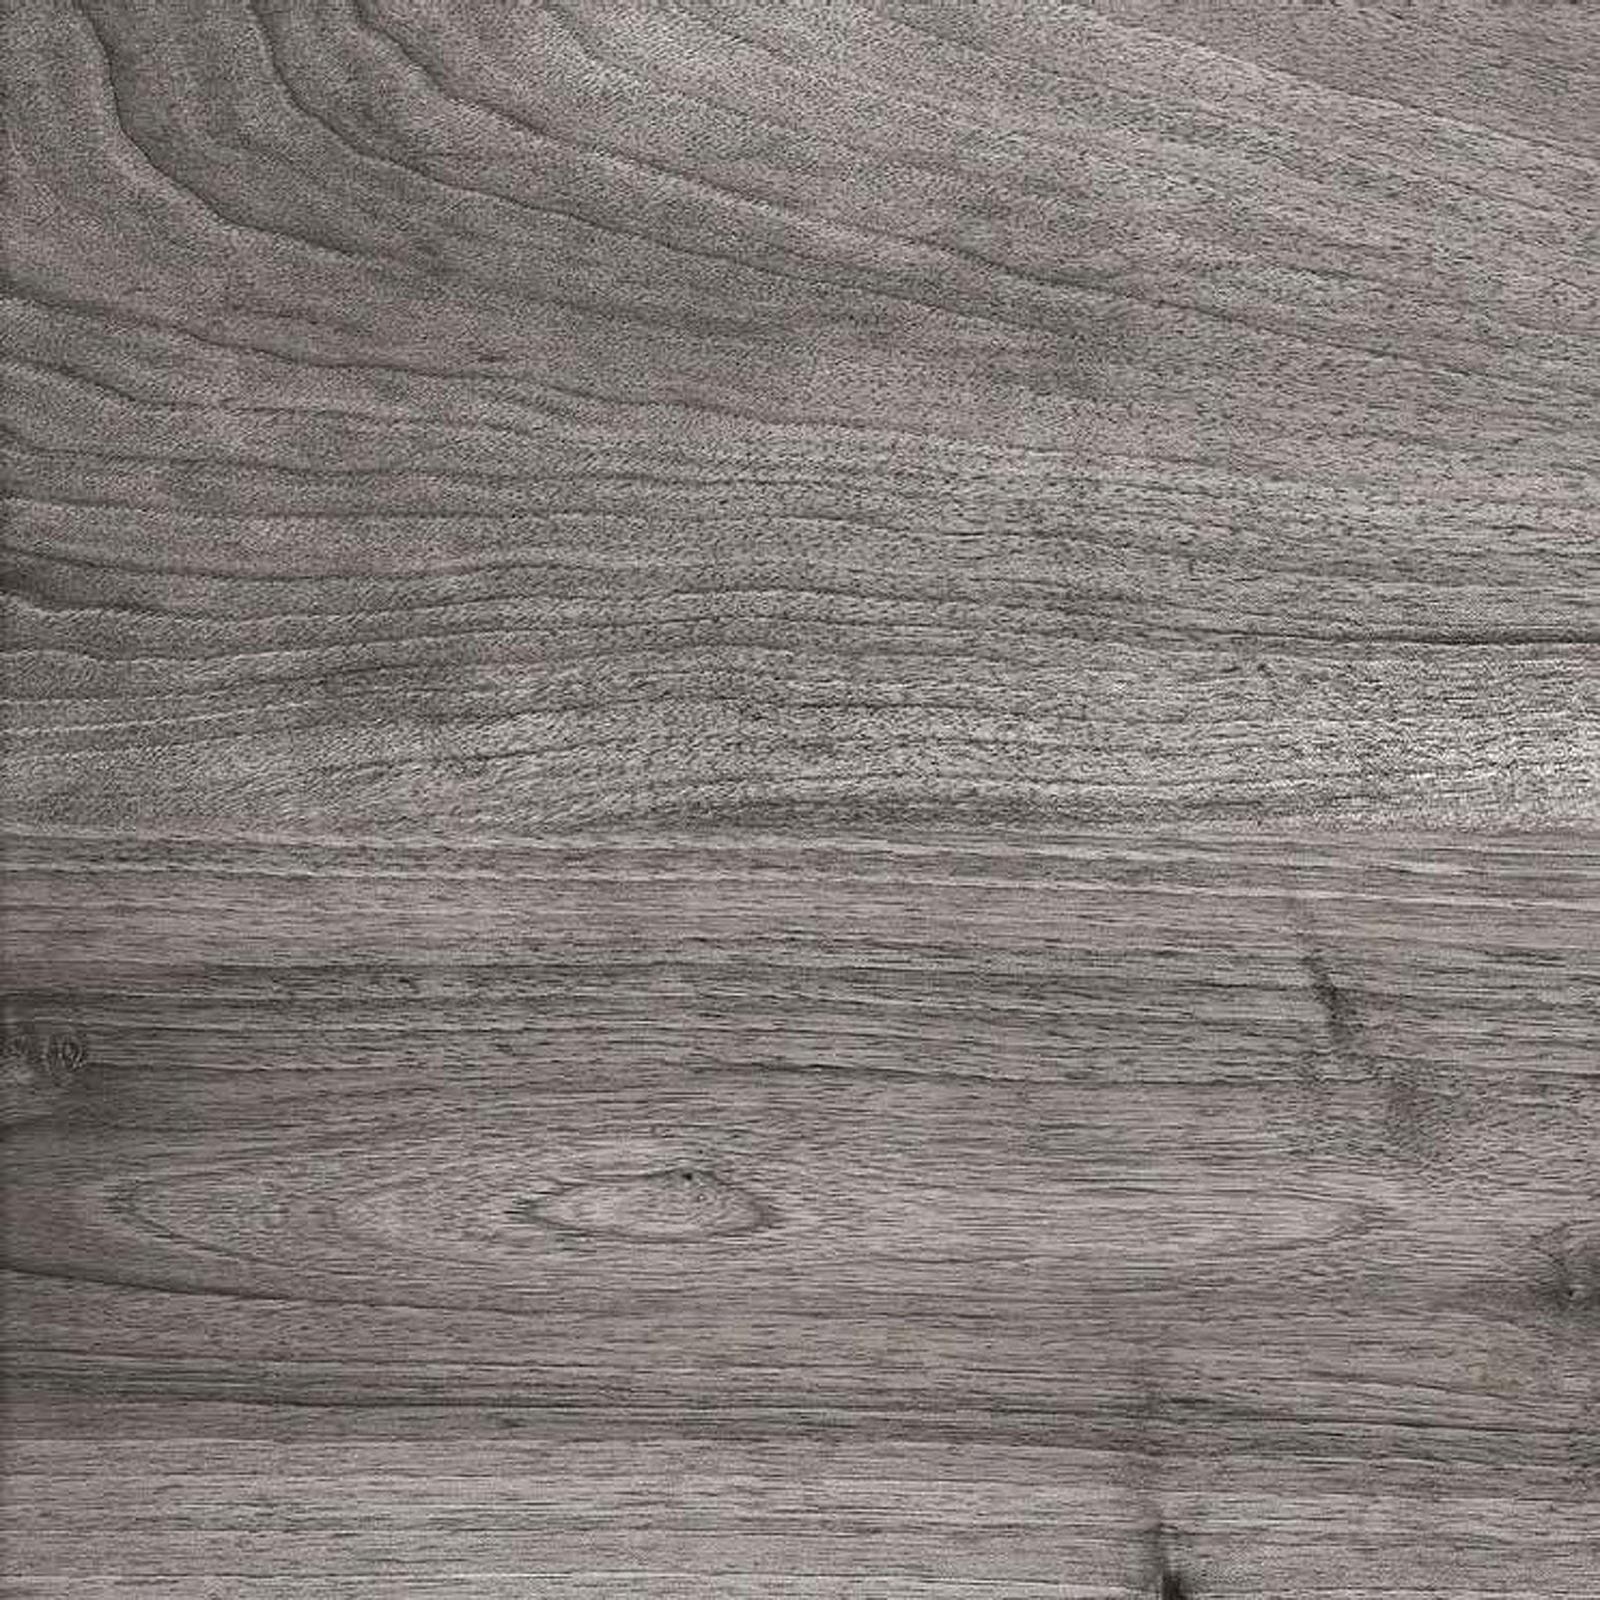 Terrassenplatten Grigio Holzoptik Grau Outdoor Platte Feinstein Naturstein Stein